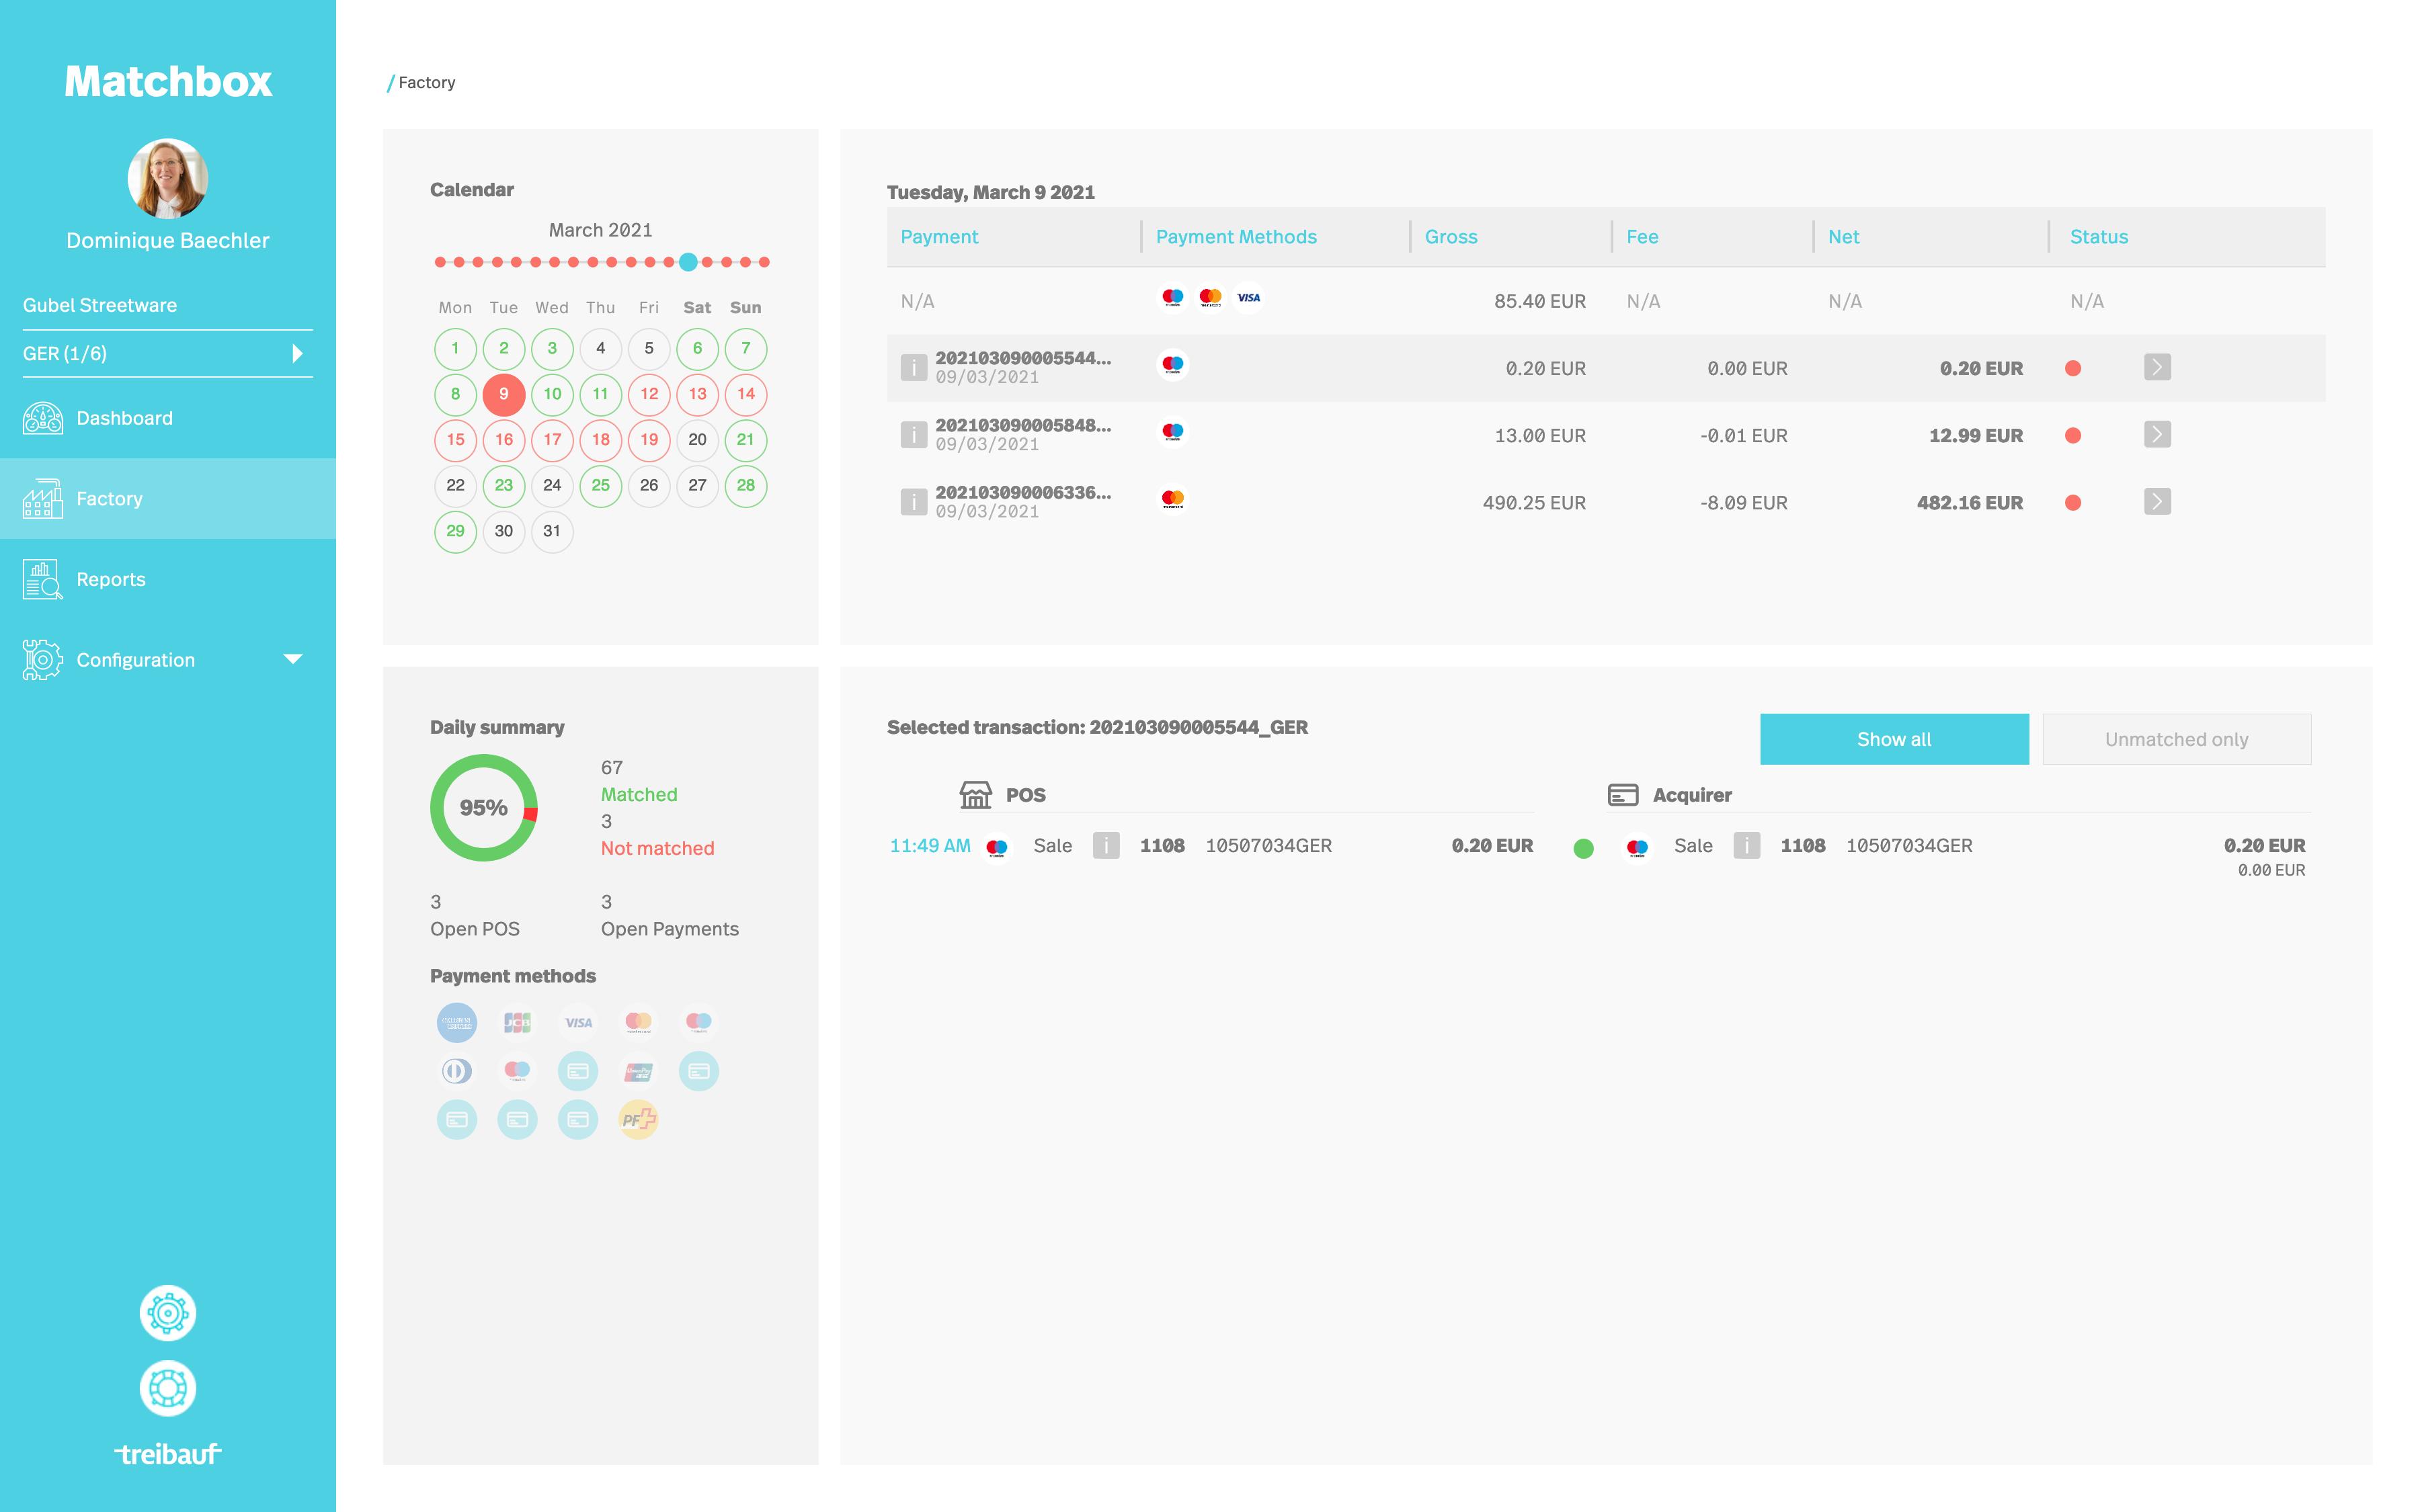 Matchbox Software Payment Analytics Center